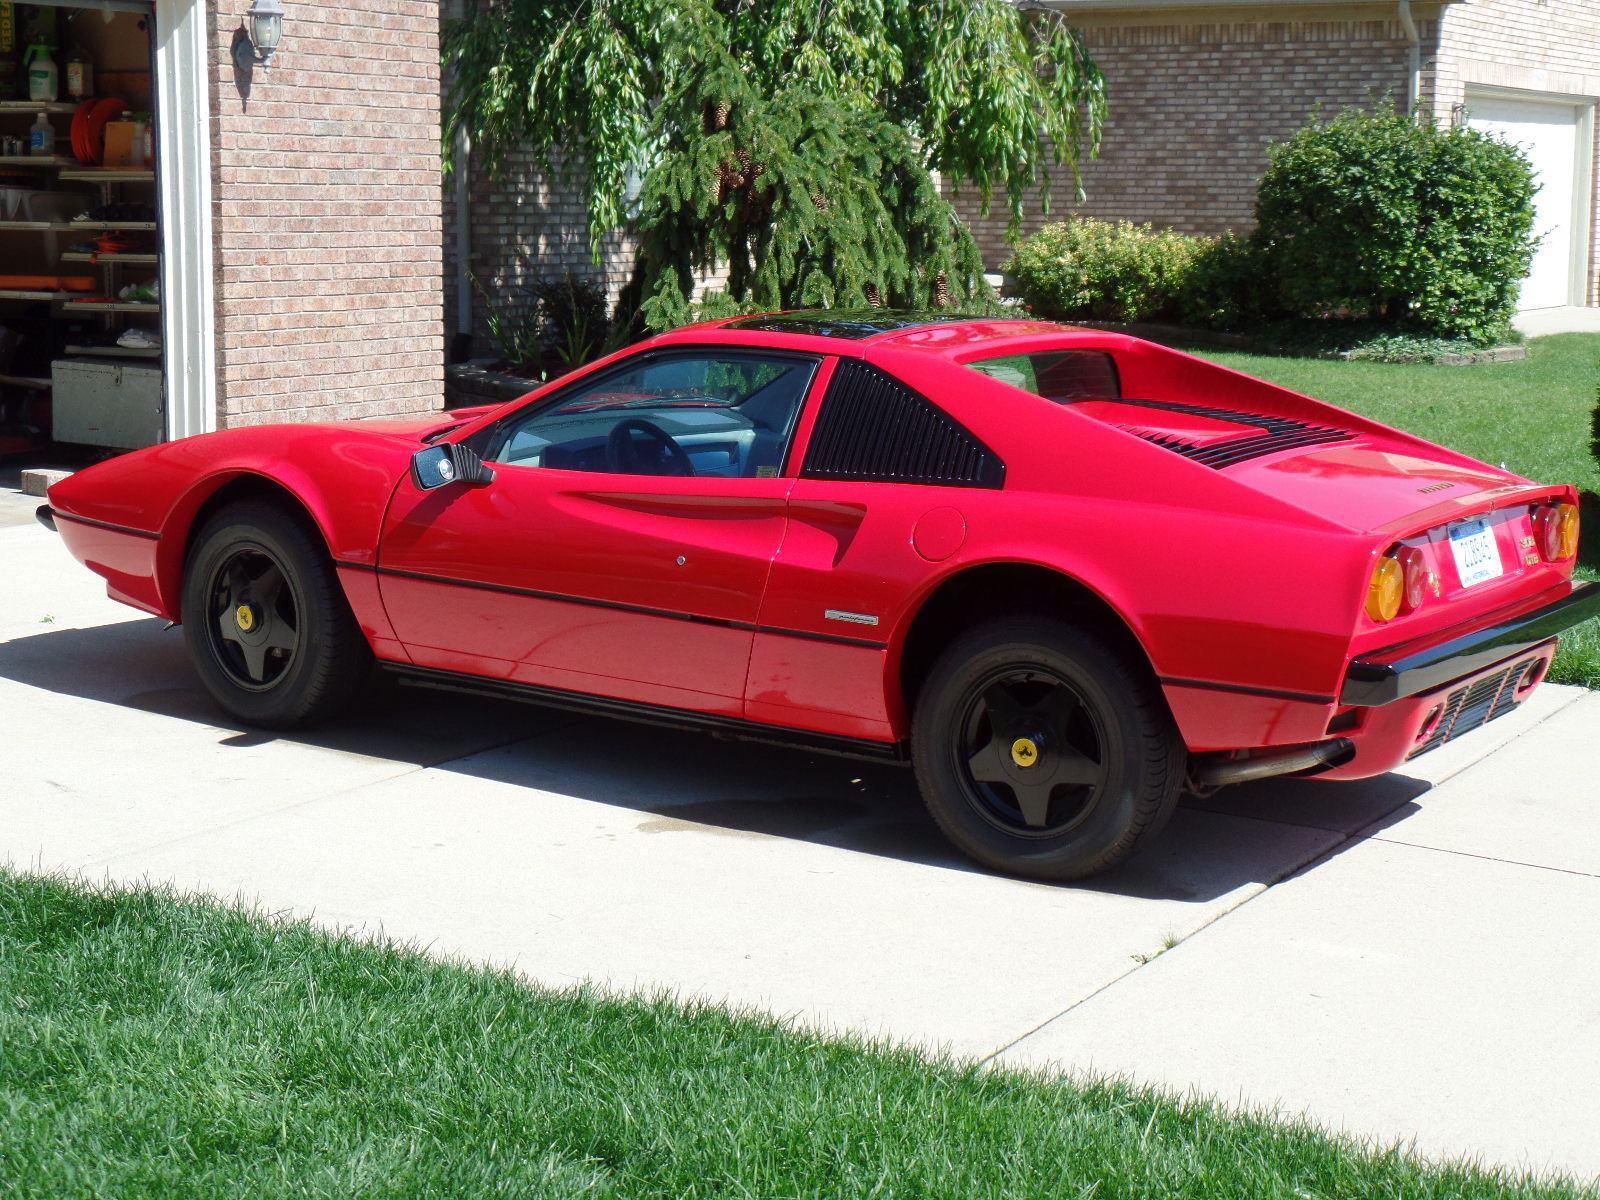 Head Turner 1985 Ferrari 308 Gt Coupe Replica For Sale